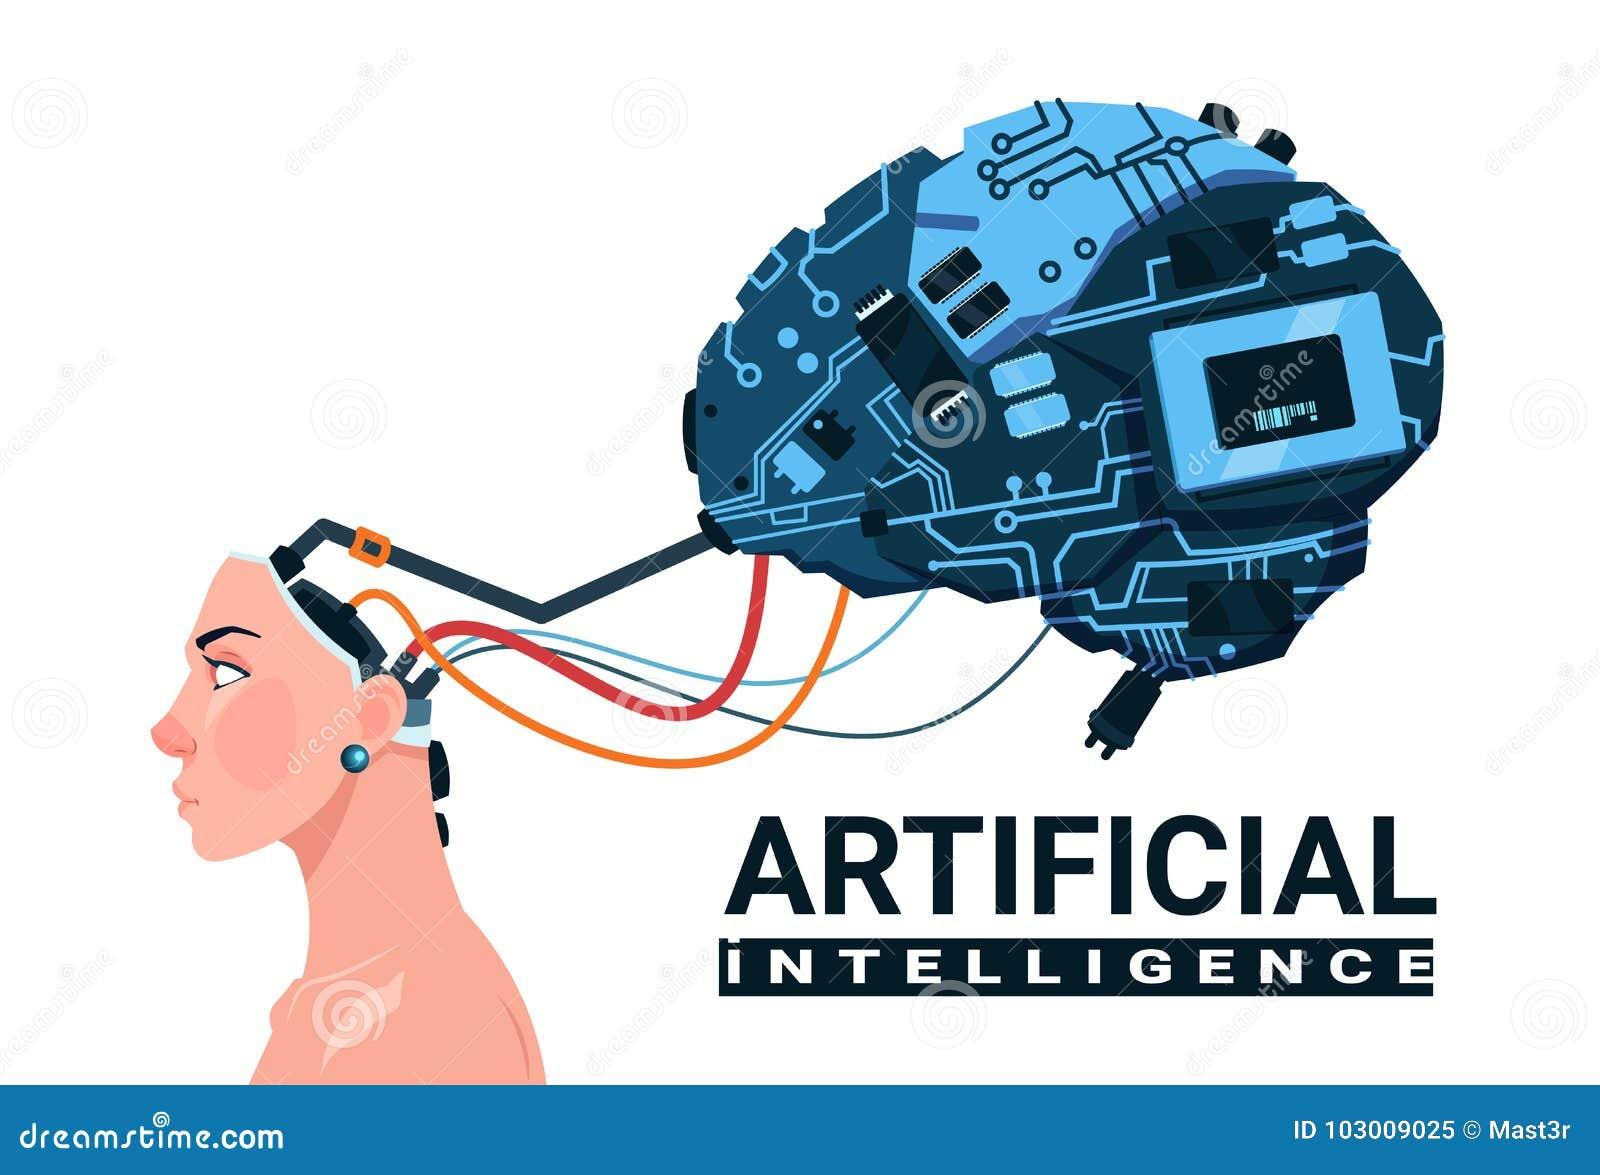 Kvinnligt huvud med modernt begrepp CyborgBrain Isolated On White Background för konstgjord intelligens